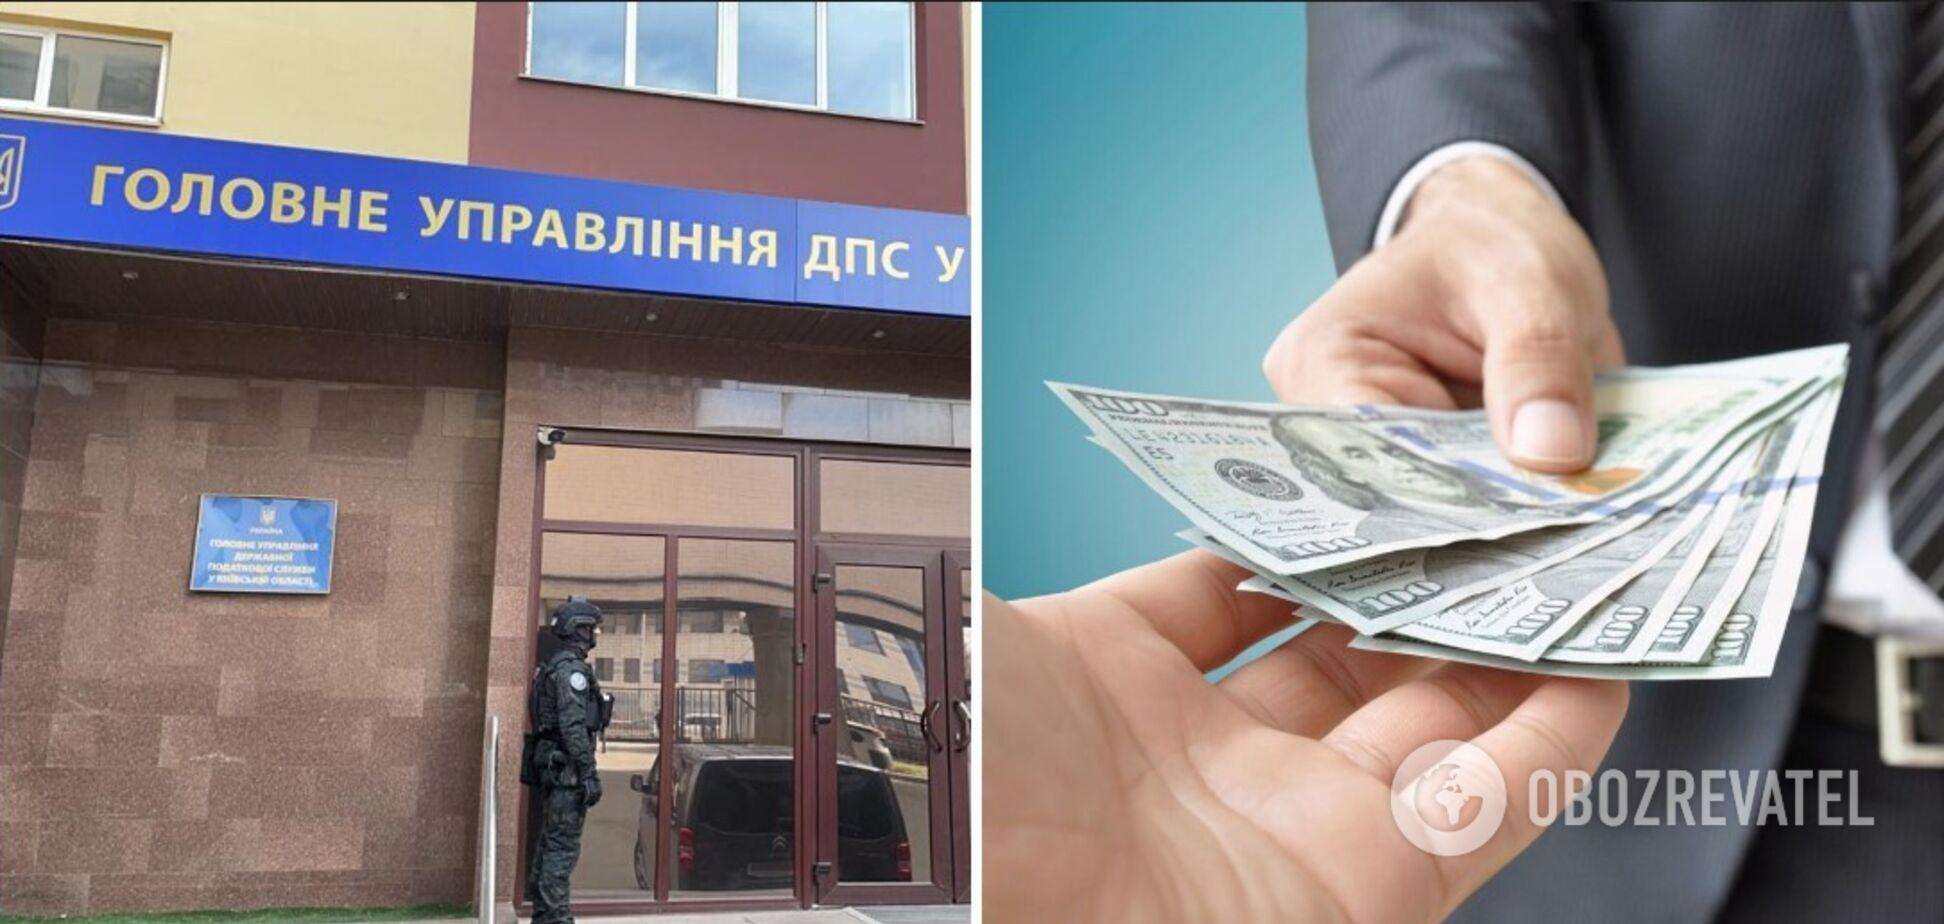 ГБР задержало главного ревизора-инспектора ГУ ГНС в Киевской области при попытке получения взятки